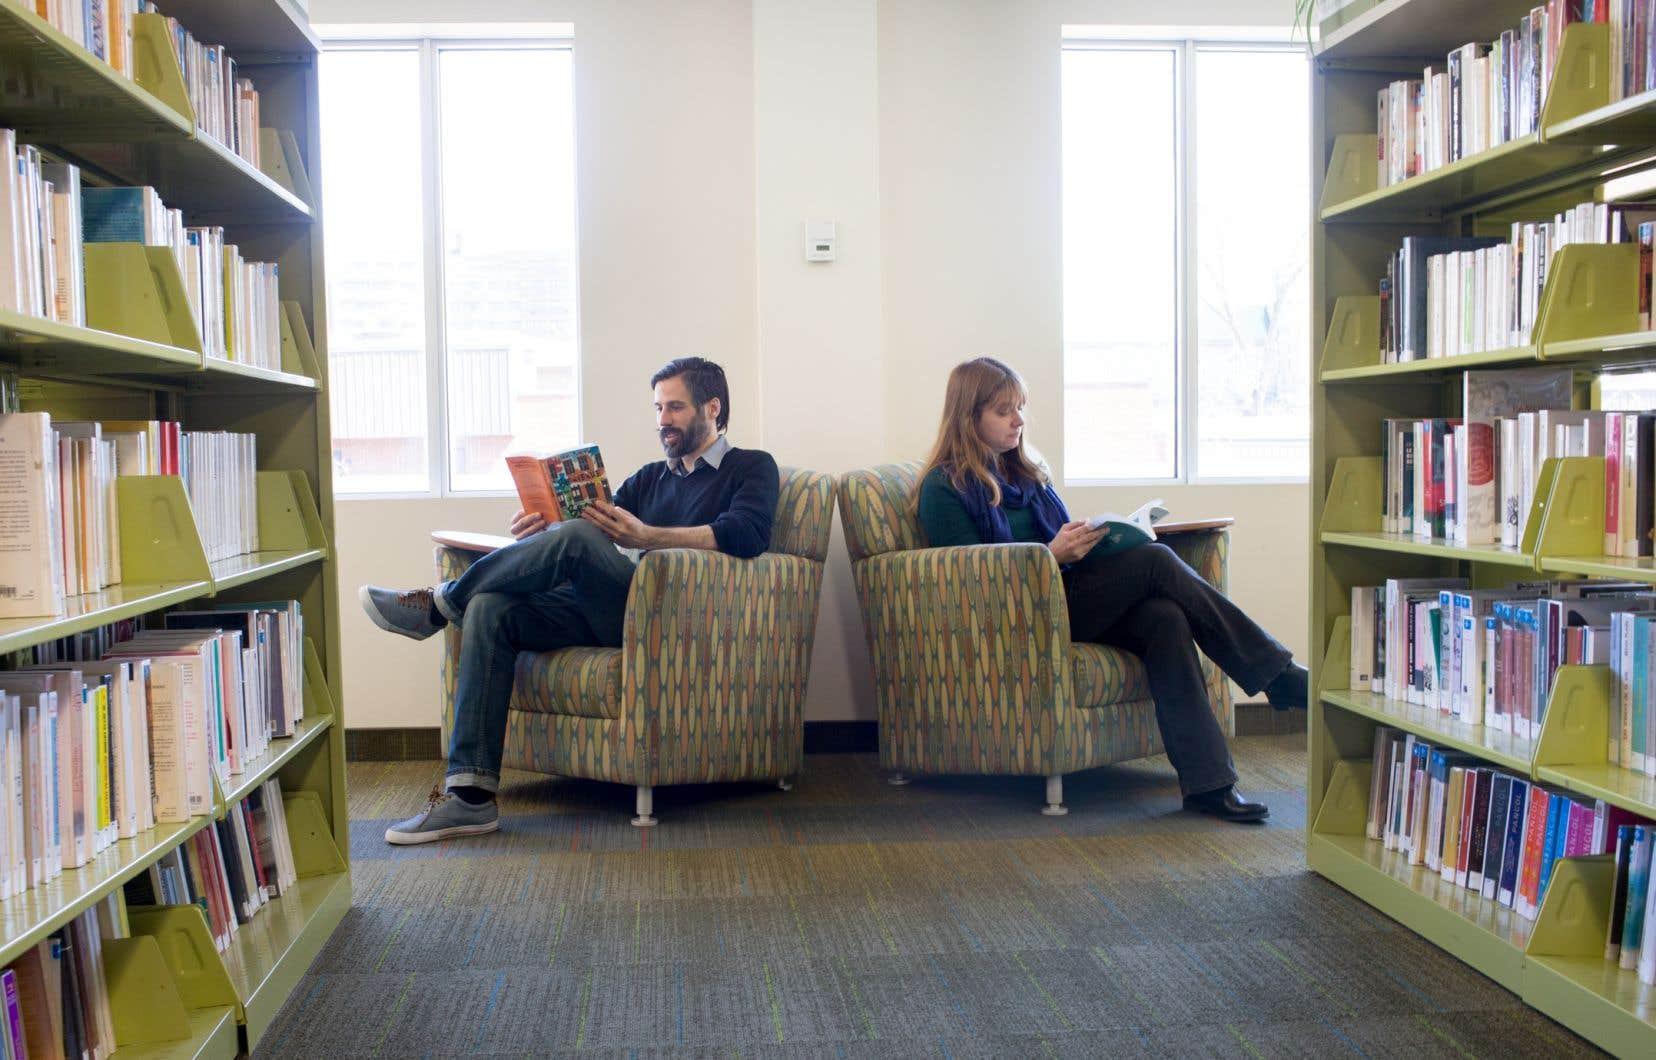 Afin de répondre aux besoins qui résultent de l'apparition de nouveaux services, les bibliothèques doivent retirer des rayonnages, ajouter des places assises et ouvrir les espaces, souligne l'auteure.